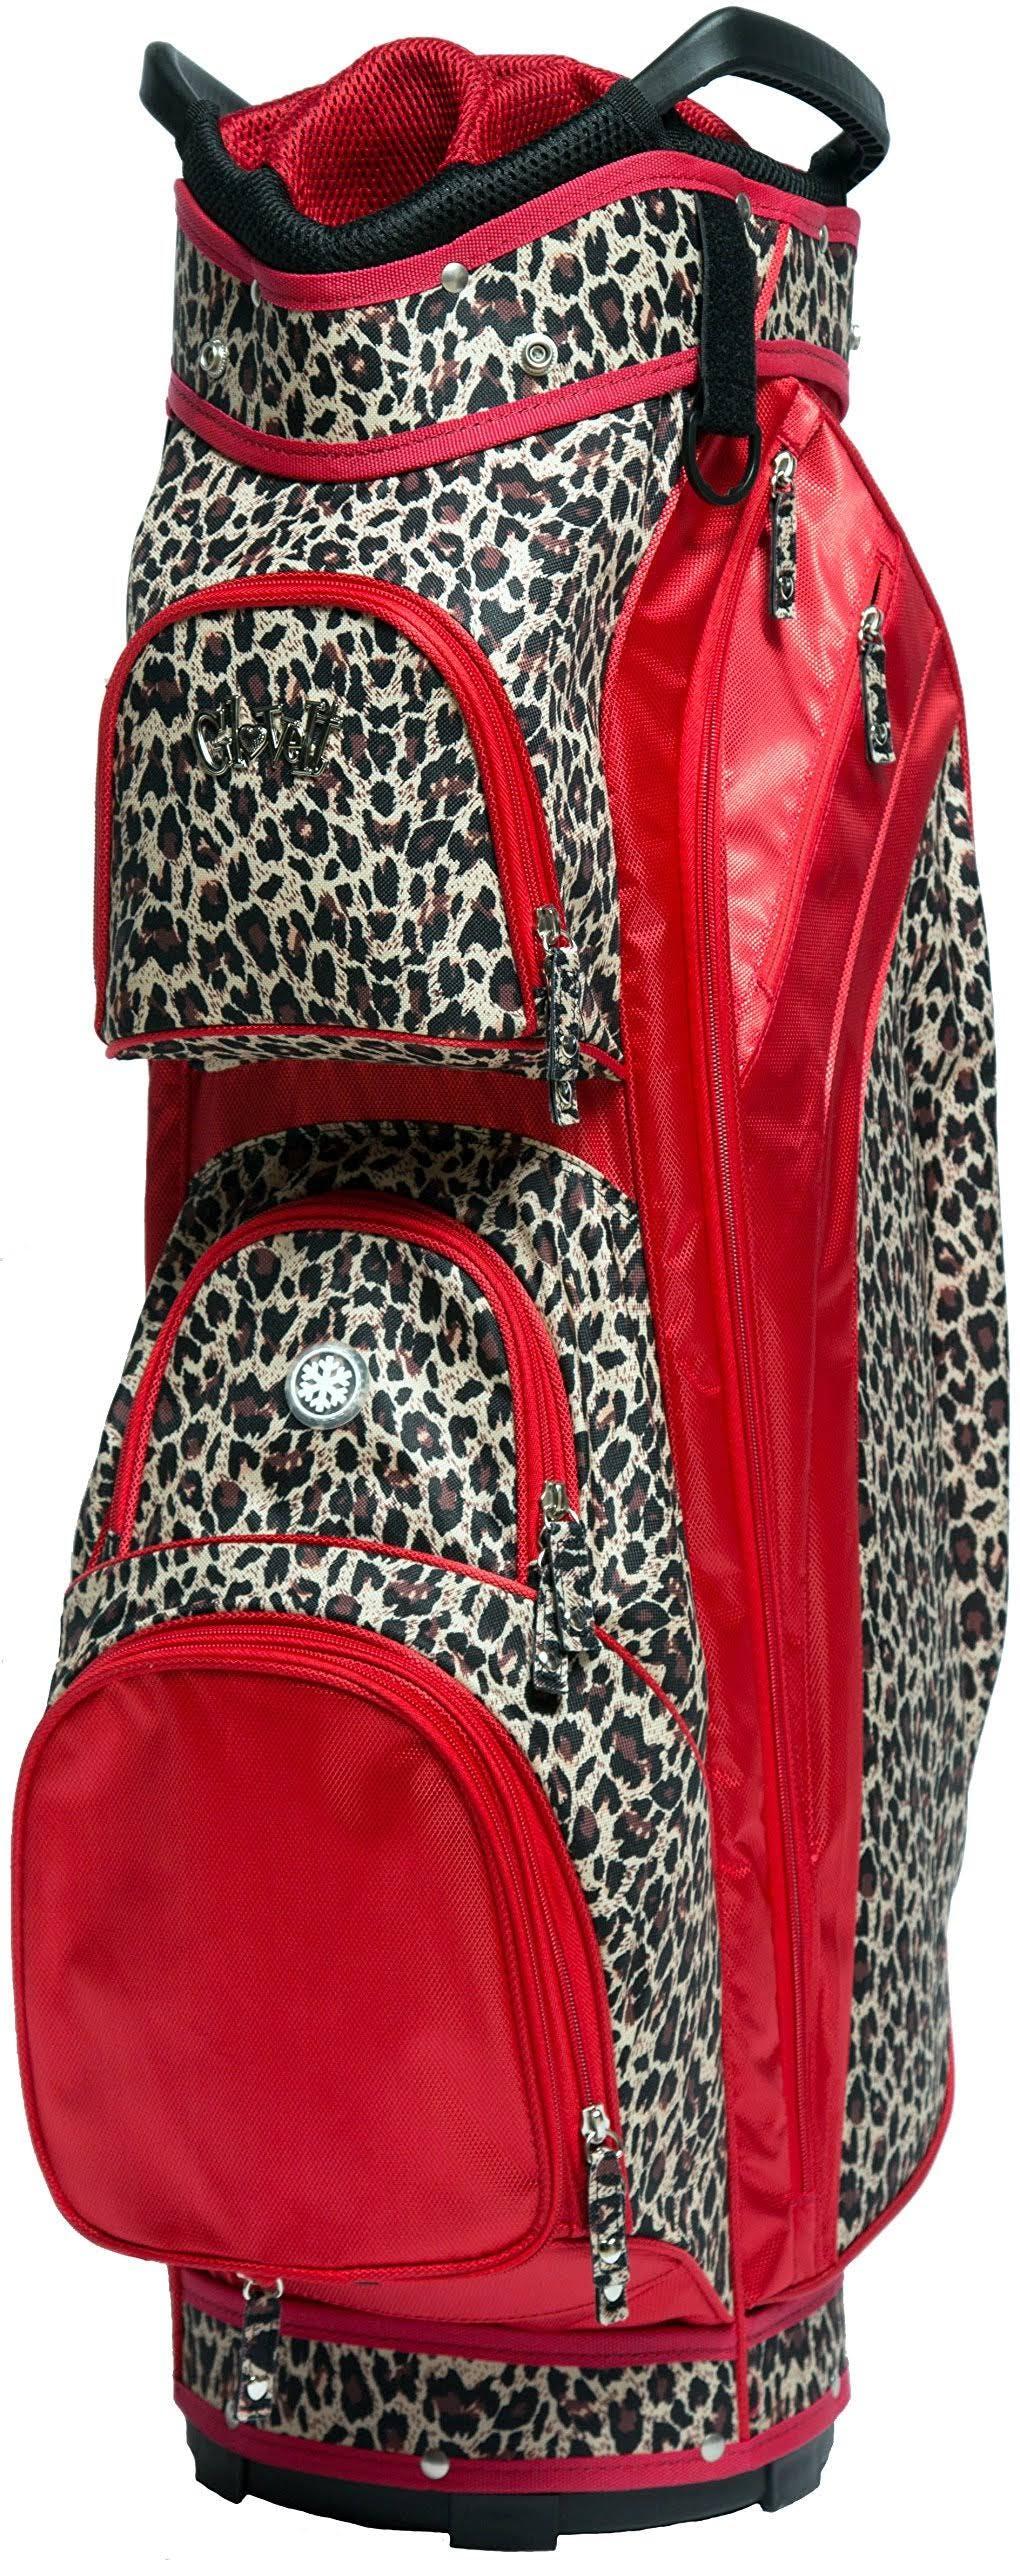 Glove It: Golf Cart Bag - Leopard